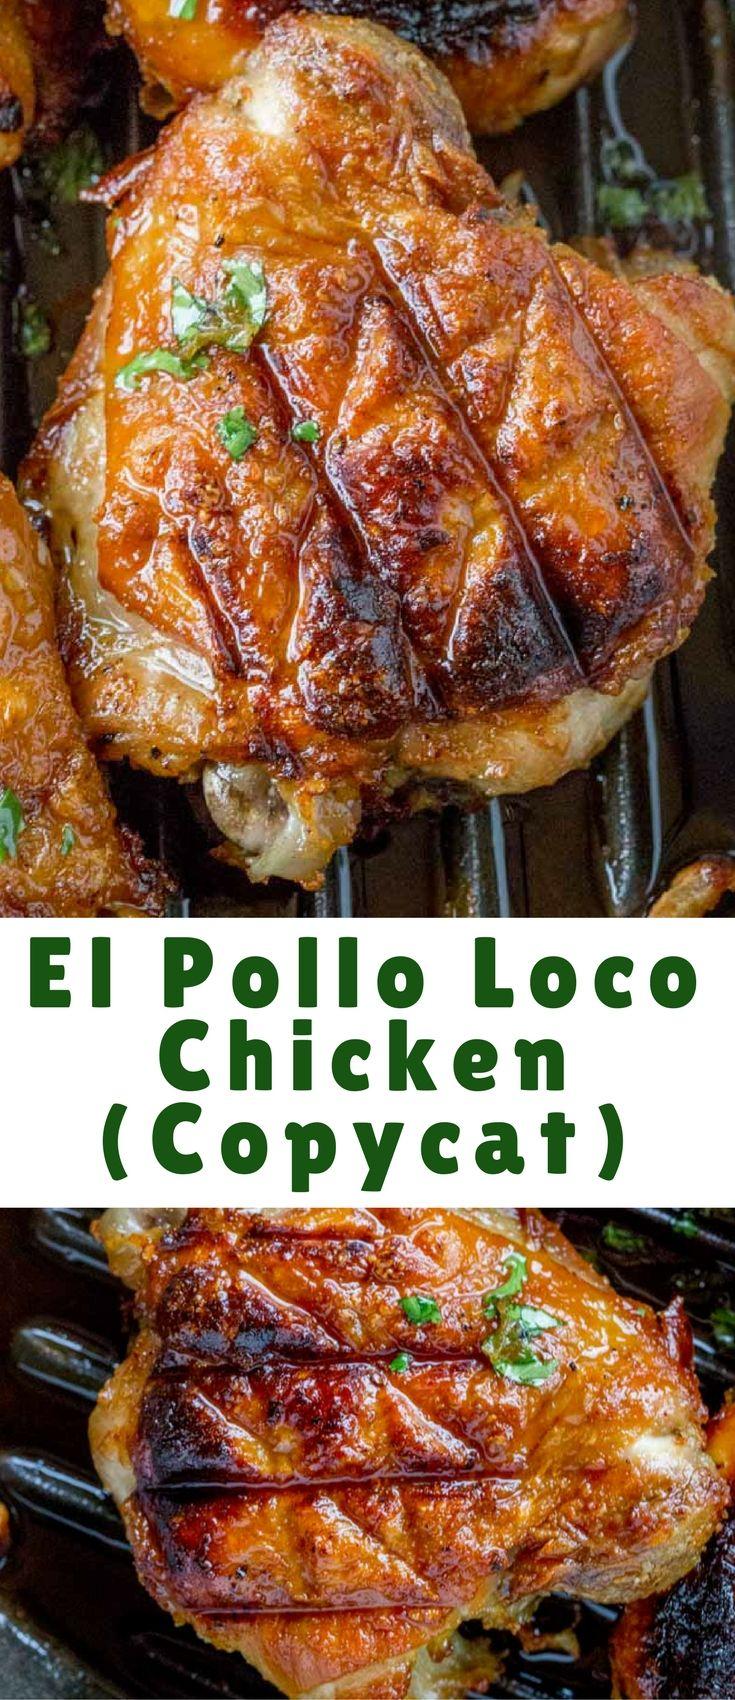 El pollo loco chicken marinated in citrus and pineapple juice el pollo loco chicken marinated in citrus and pineapple juice overnight for the perfect el pollo forumfinder Image collections